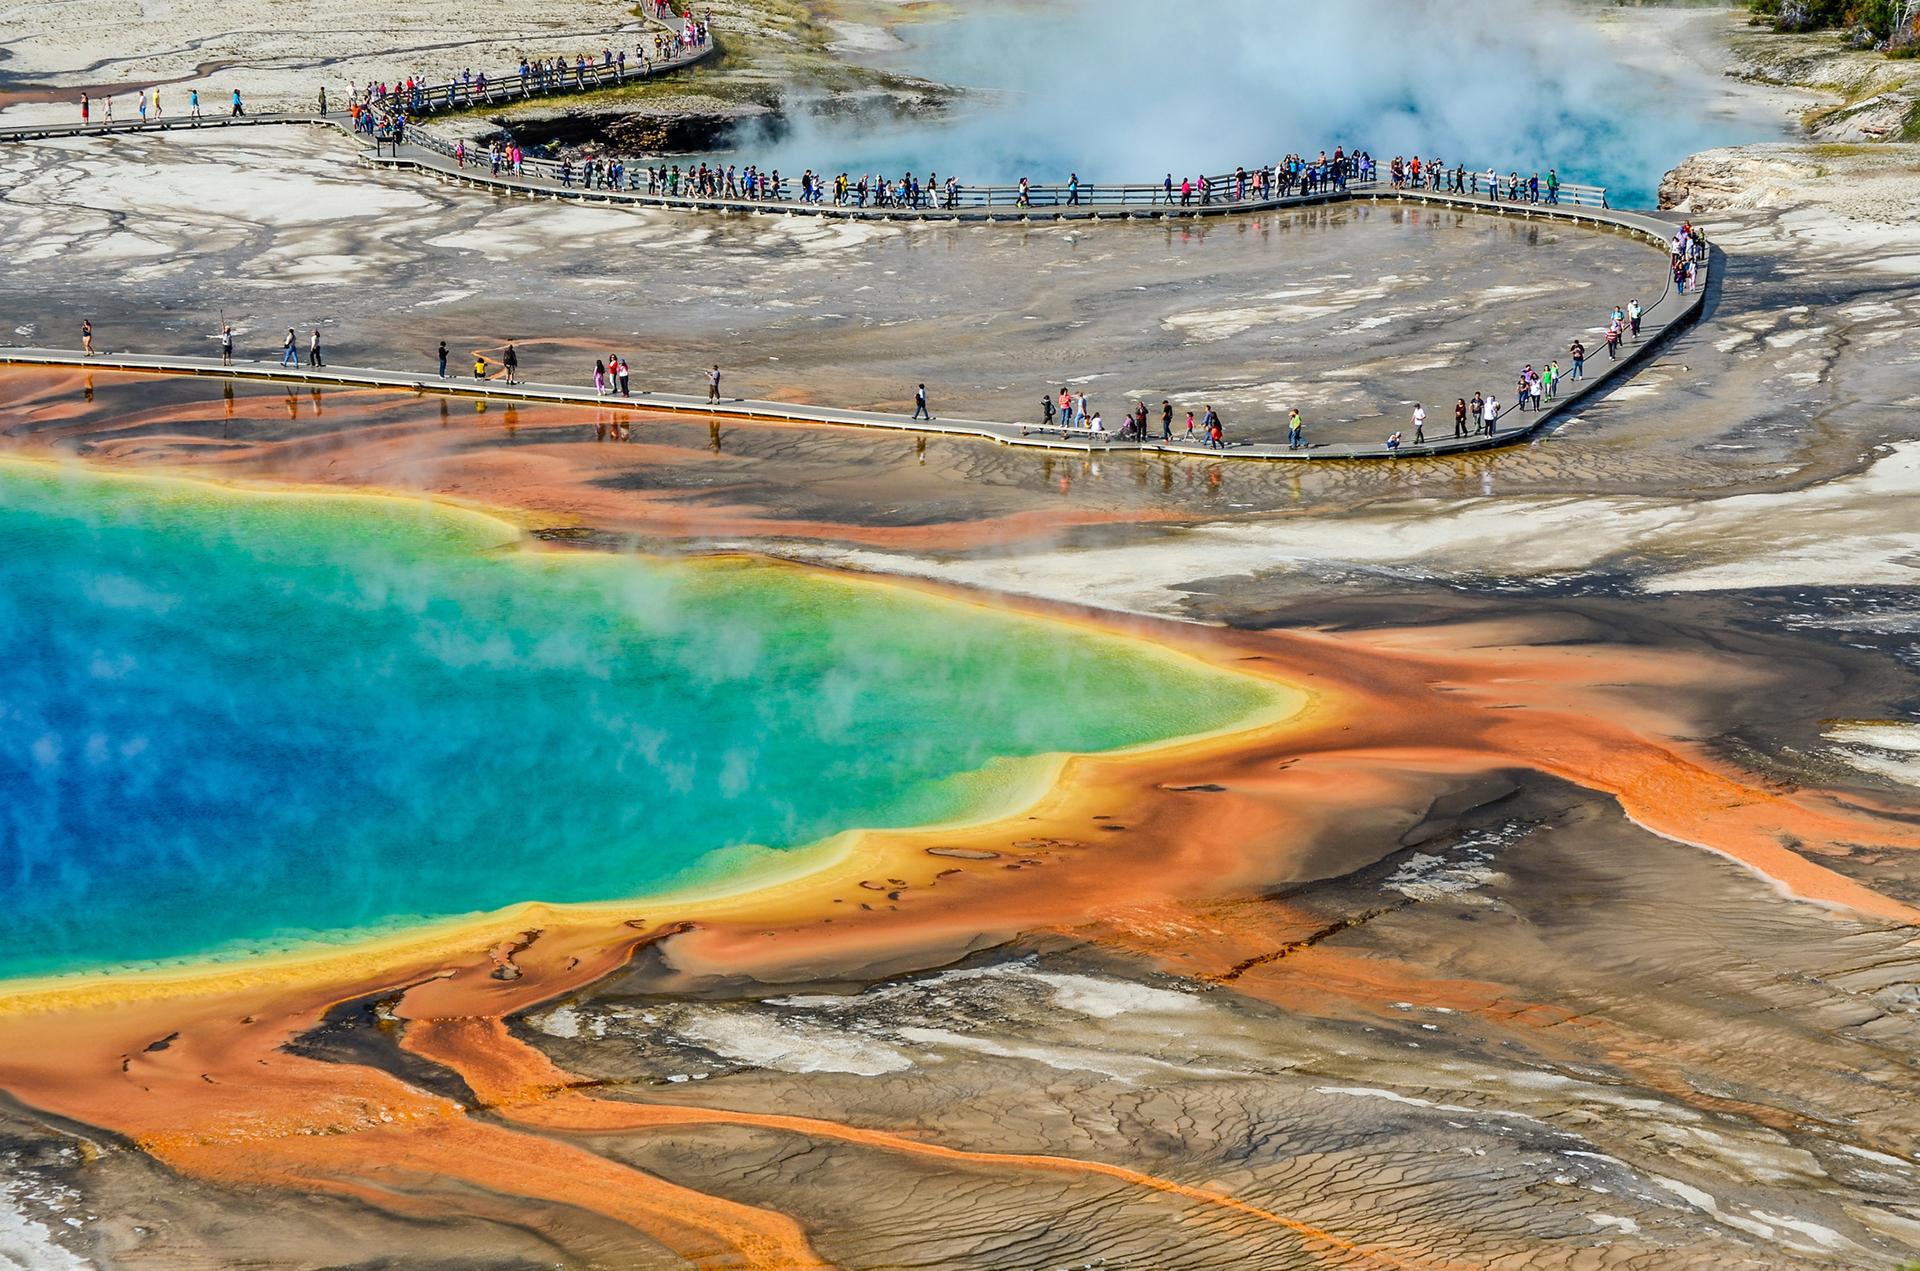 La Gran Fuente Prismática en el Parque nacional Yellowstone es la fuente mayor de aguas termales en los Estados Unidos